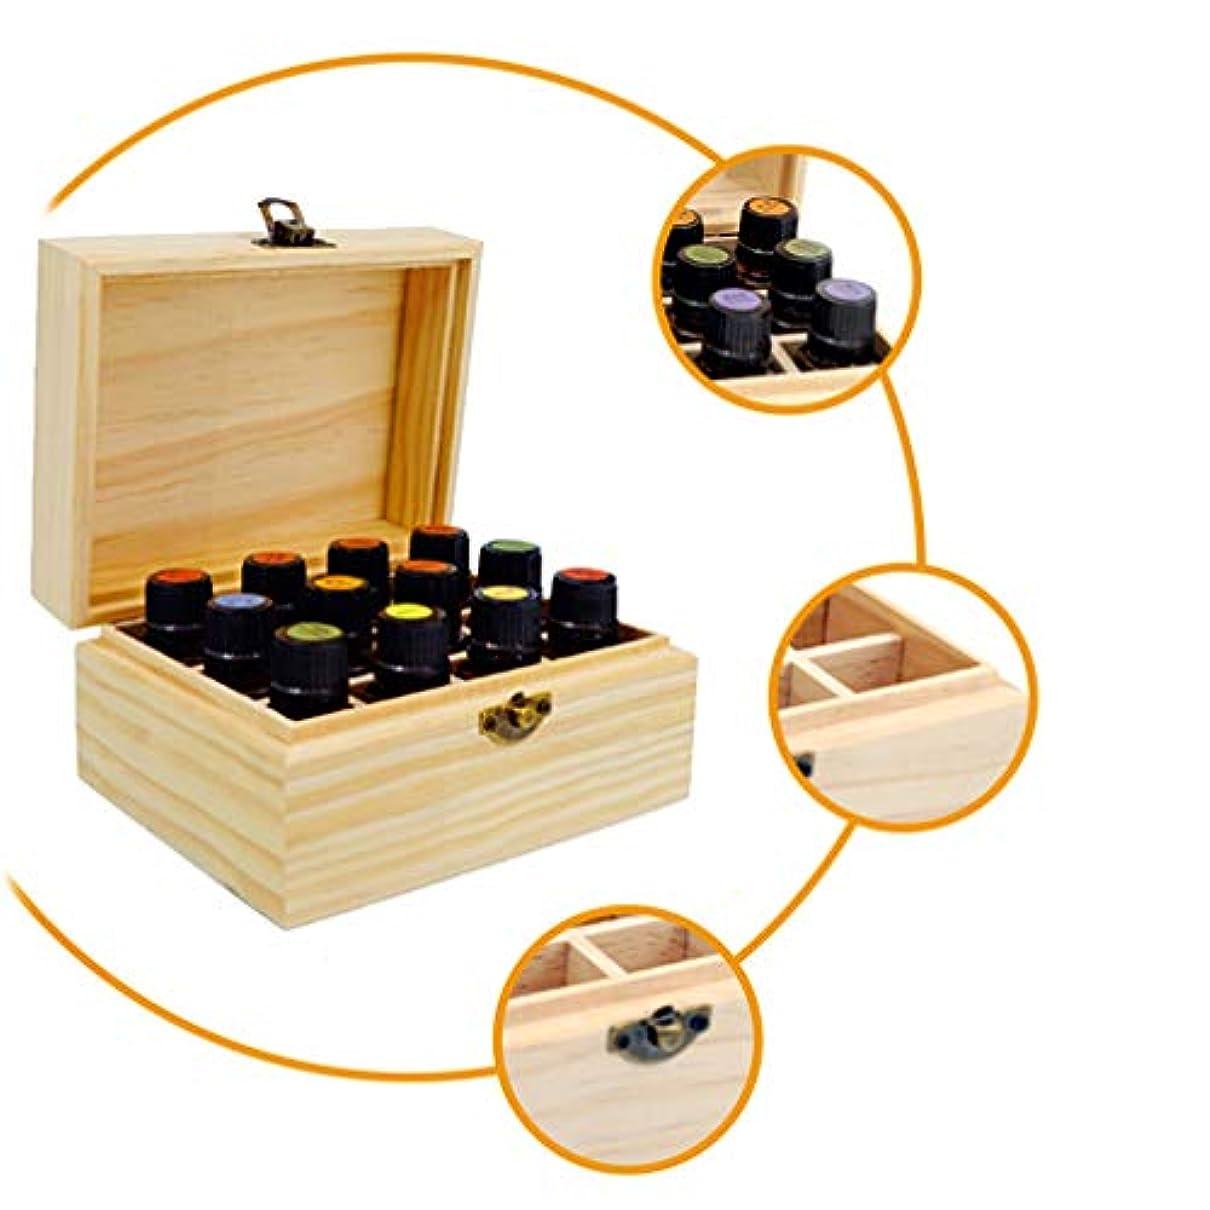 便宜狐中央JIOLK エッセンシャルオイル 収納ボックス 12本用 木製 香水収納ケース 大容量 精油収納 携帯便利 オイルボックス おしゃれ 精油ケース